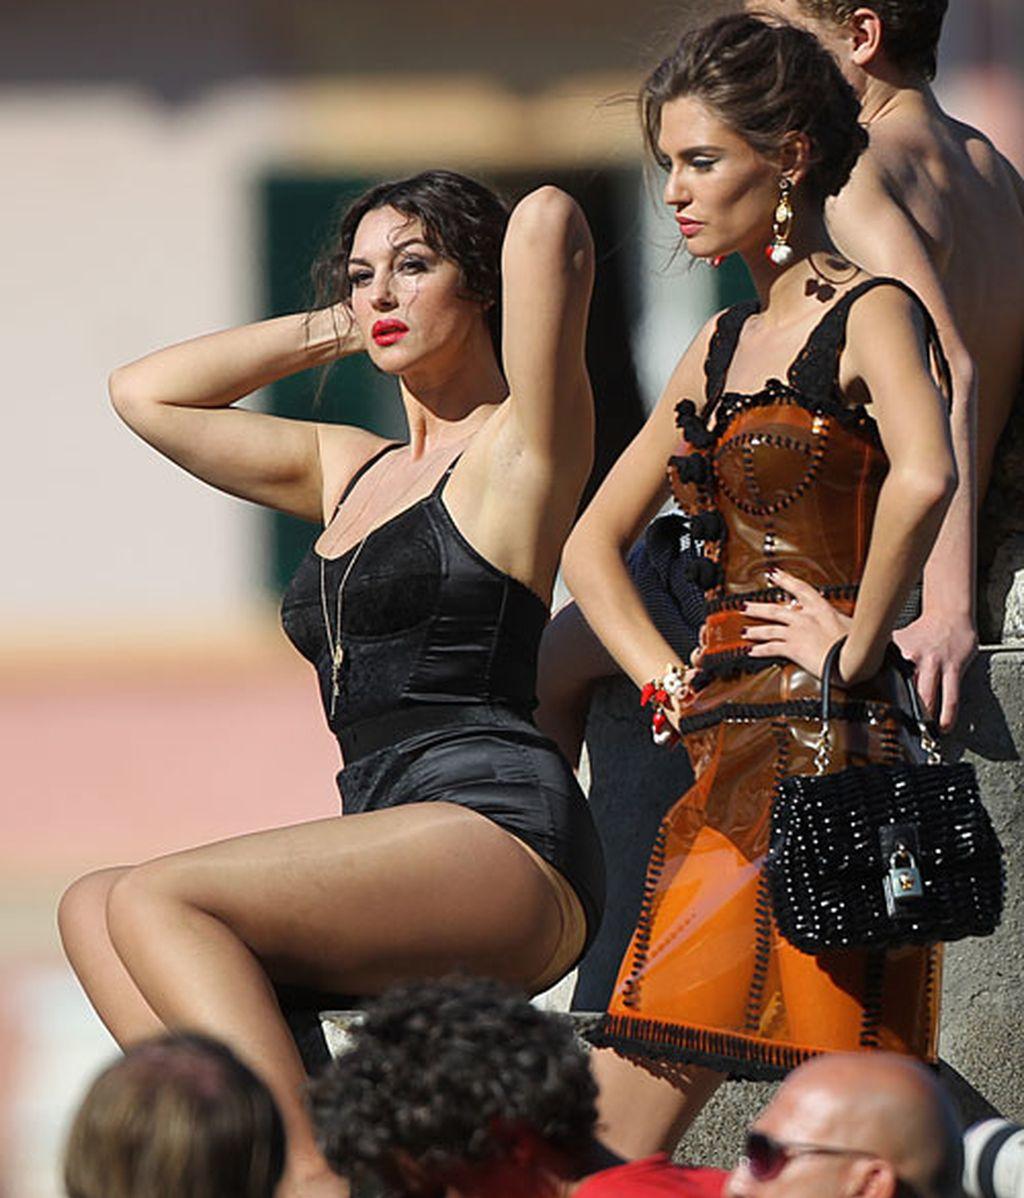 Monica Bellucci se merienda a su compañera durante una sesión de fotos